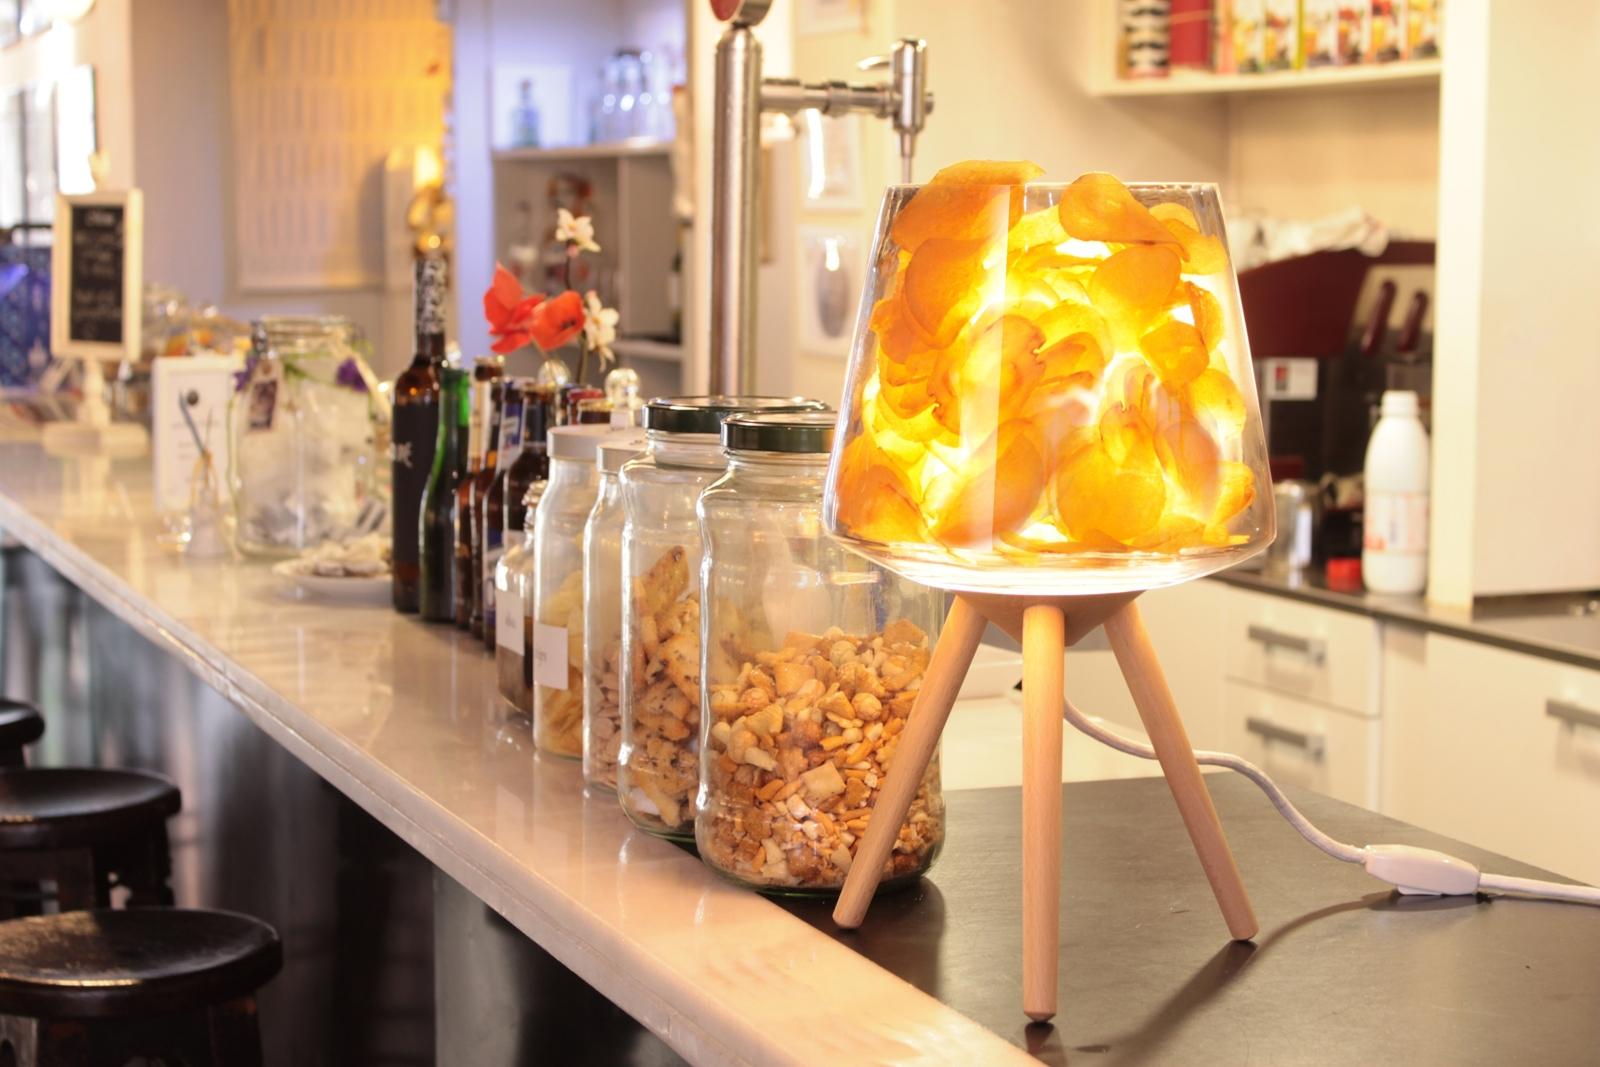 Fillin Lamp acabat amb fusta de faig i ple de patates xips.